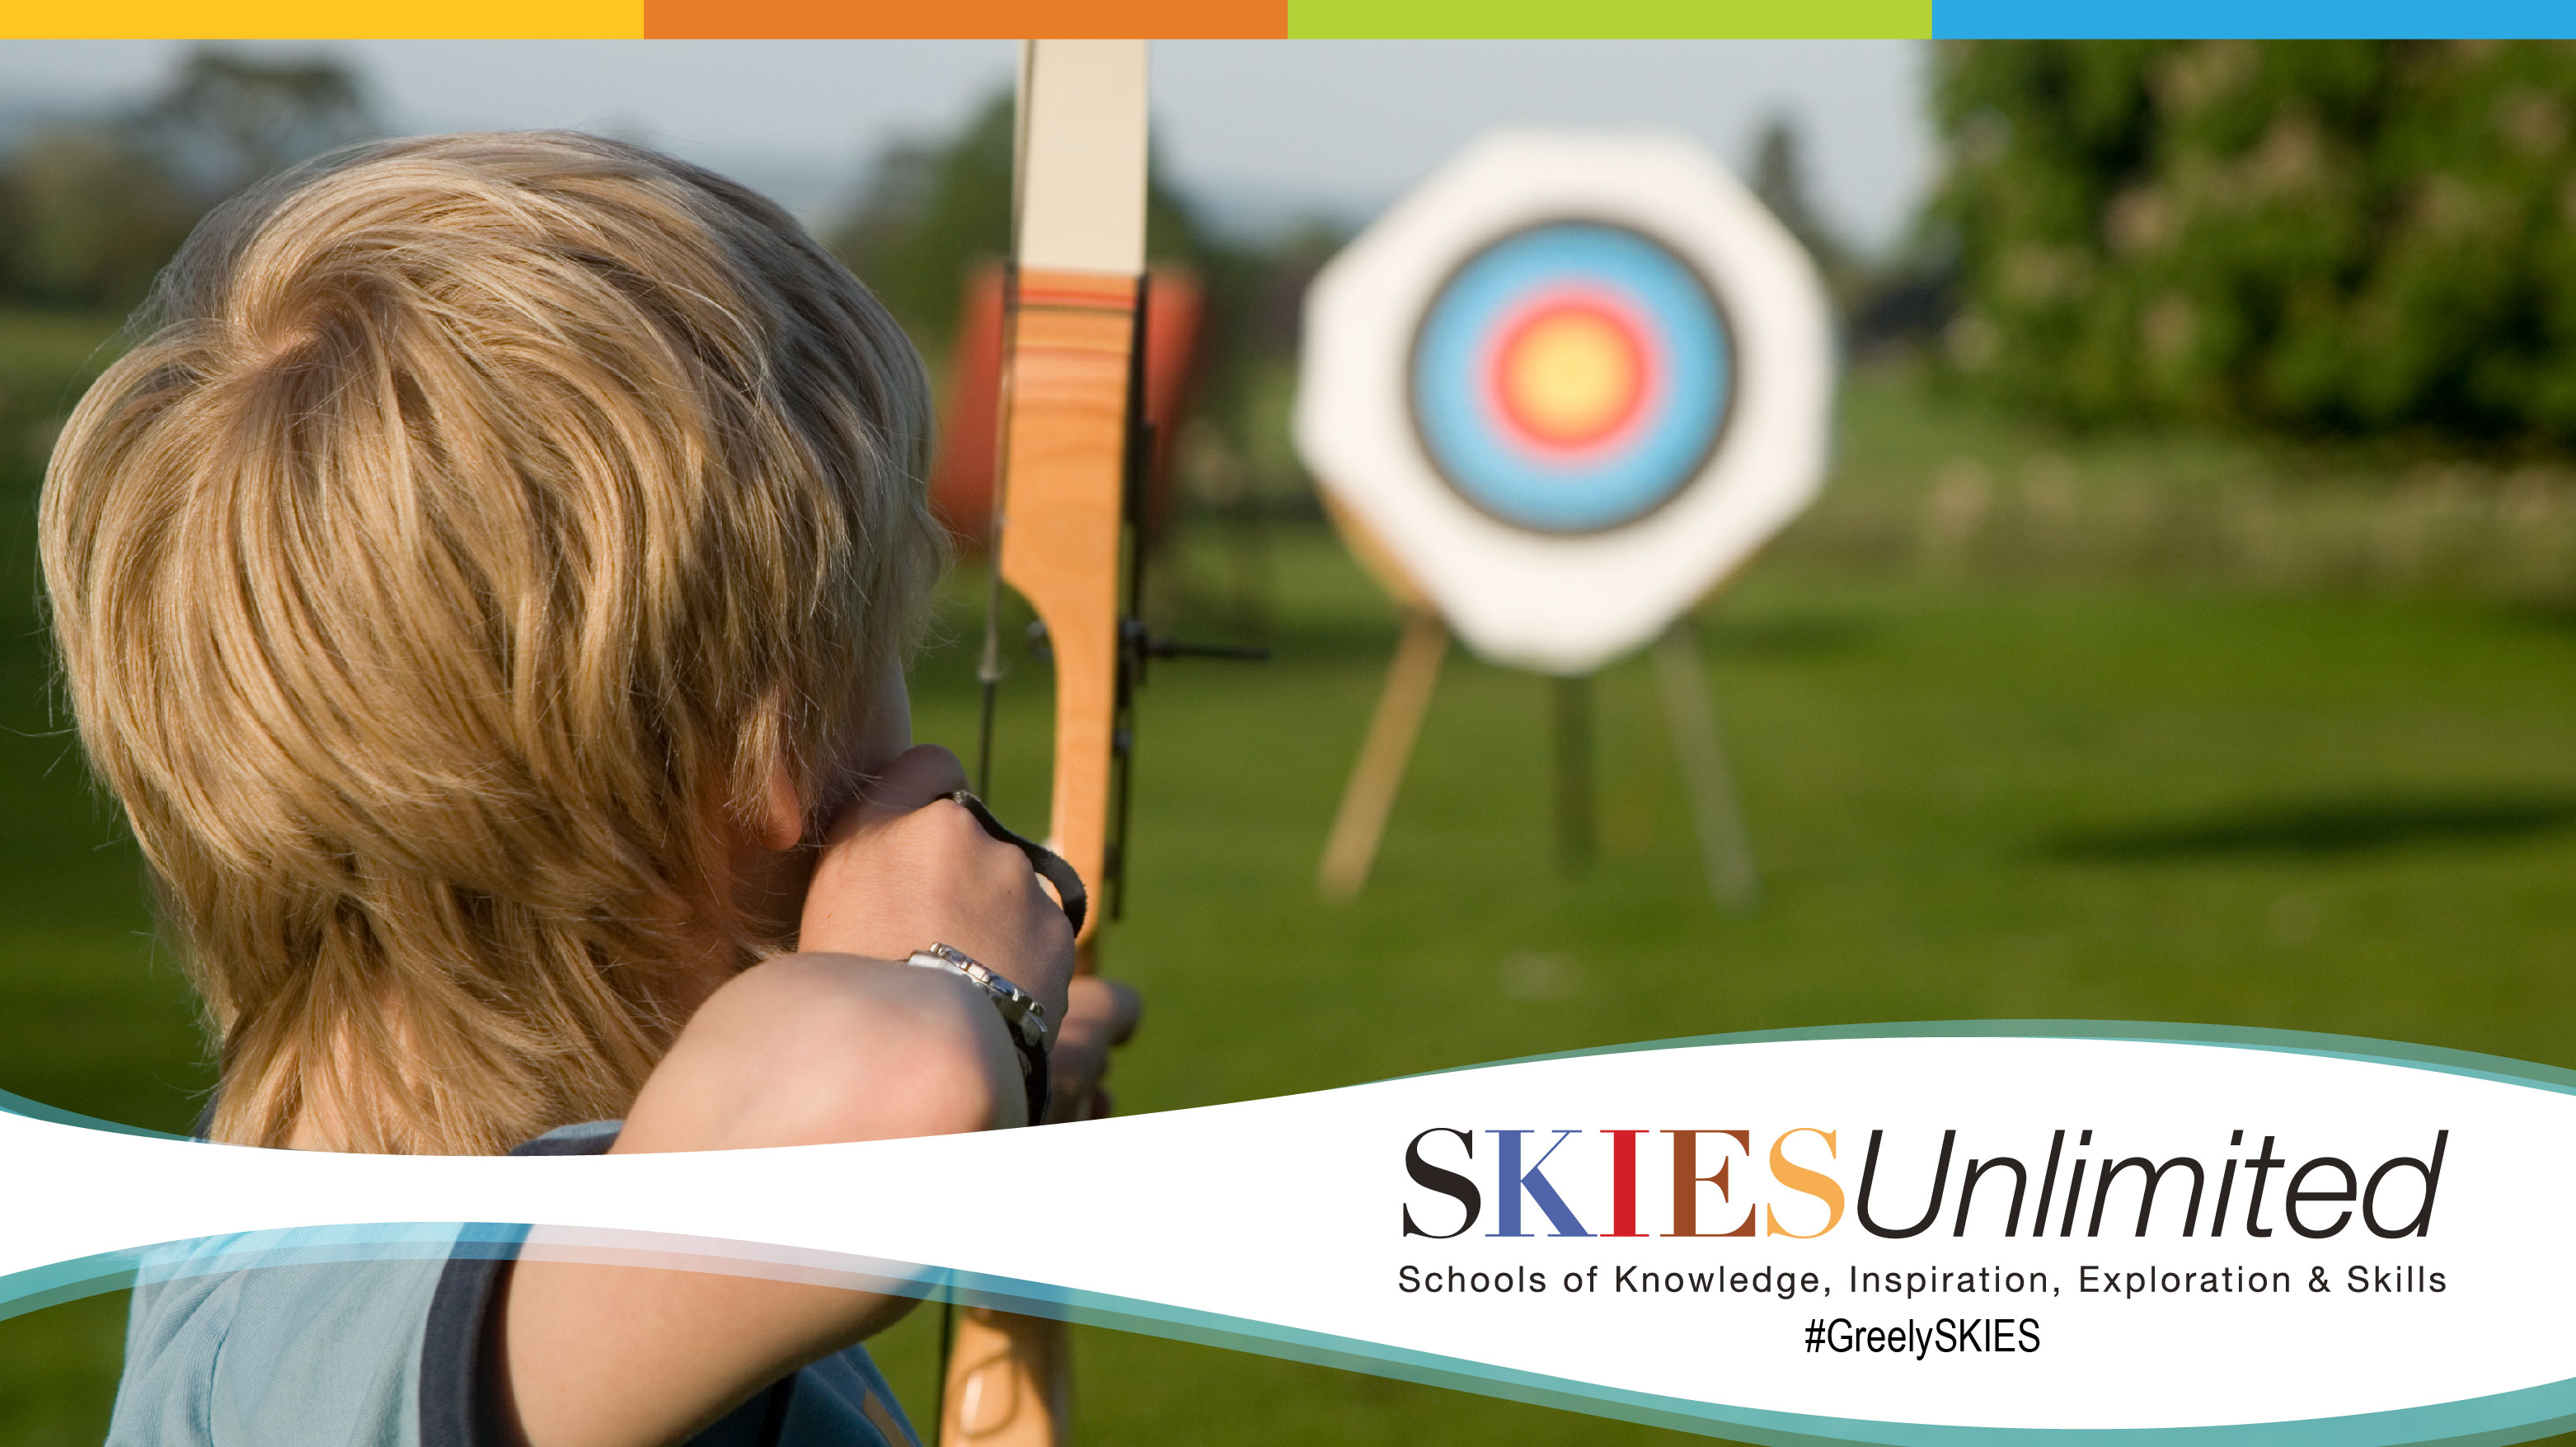 SKIESUnlimited Archery